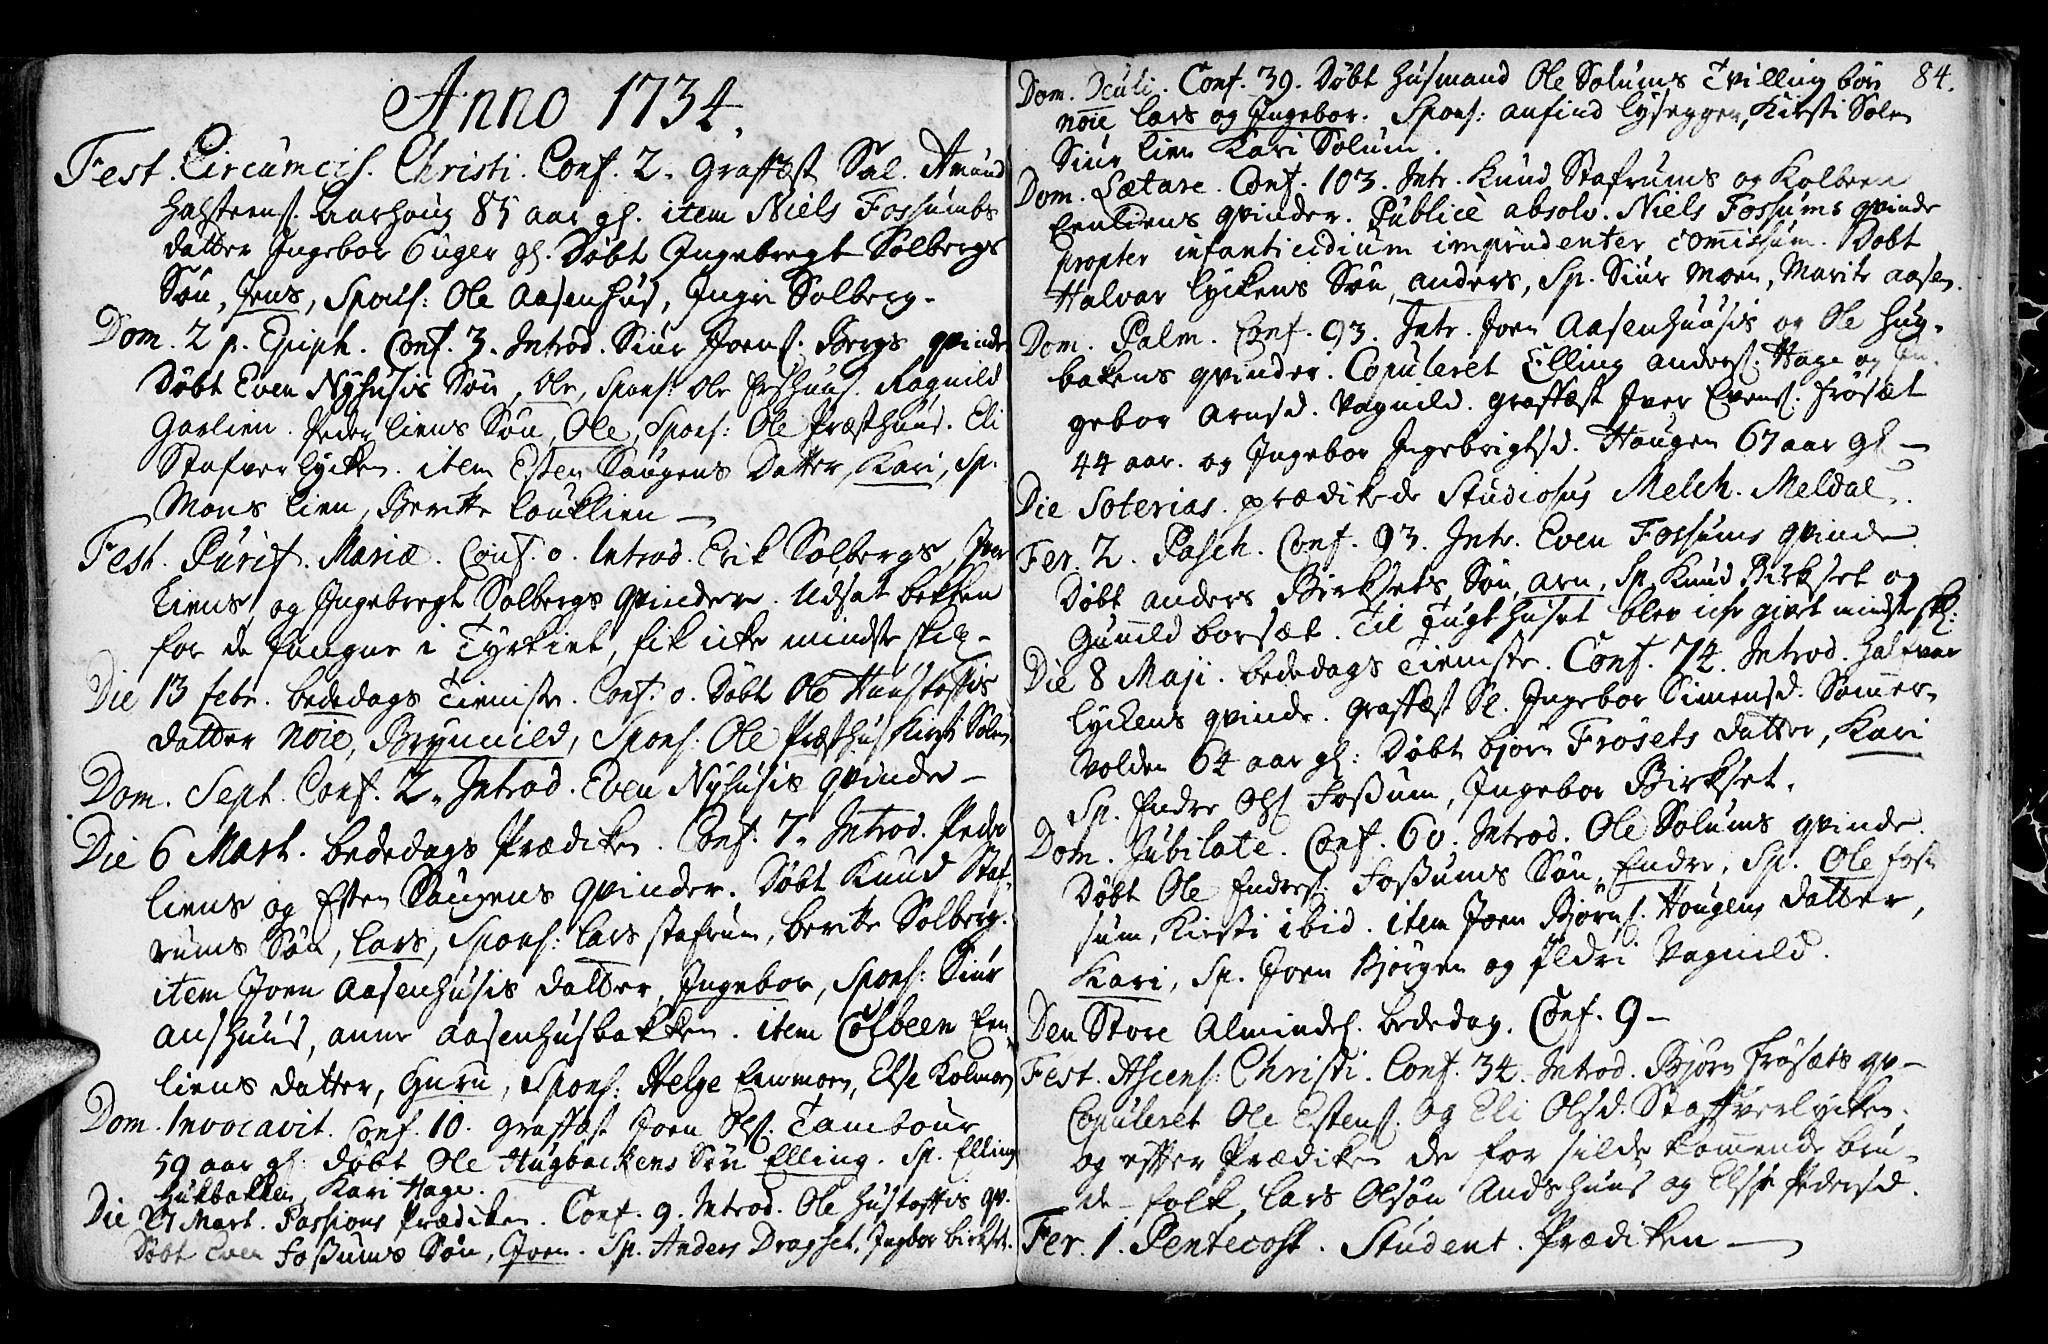 SAT, Ministerialprotokoller, klokkerbøker og fødselsregistre - Sør-Trøndelag, 689/L1036: Ministerialbok nr. 689A01, 1696-1746, s. 84